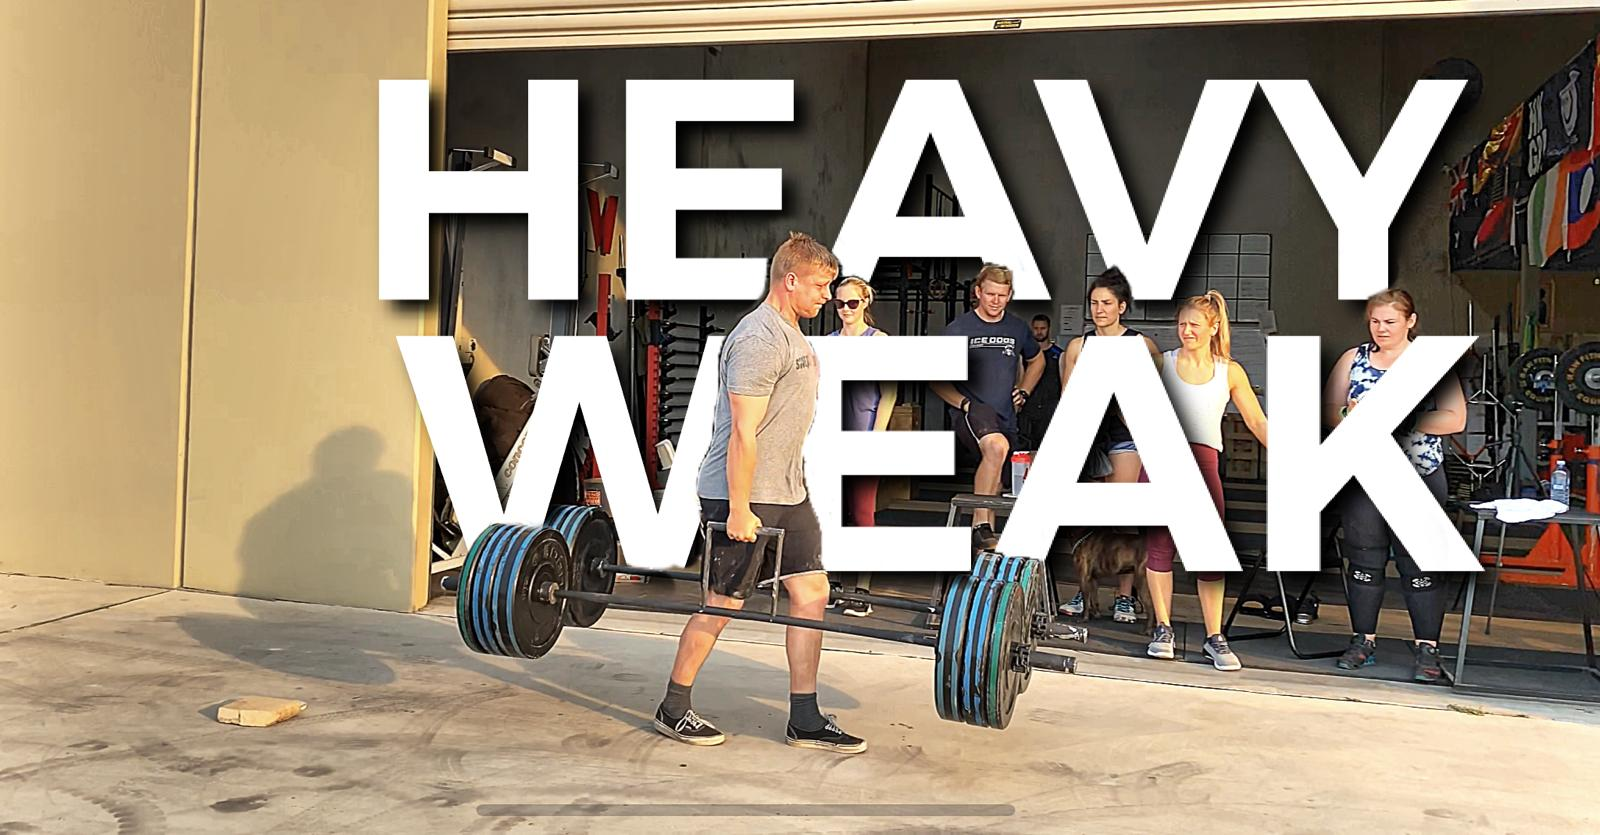 Heavy Weak